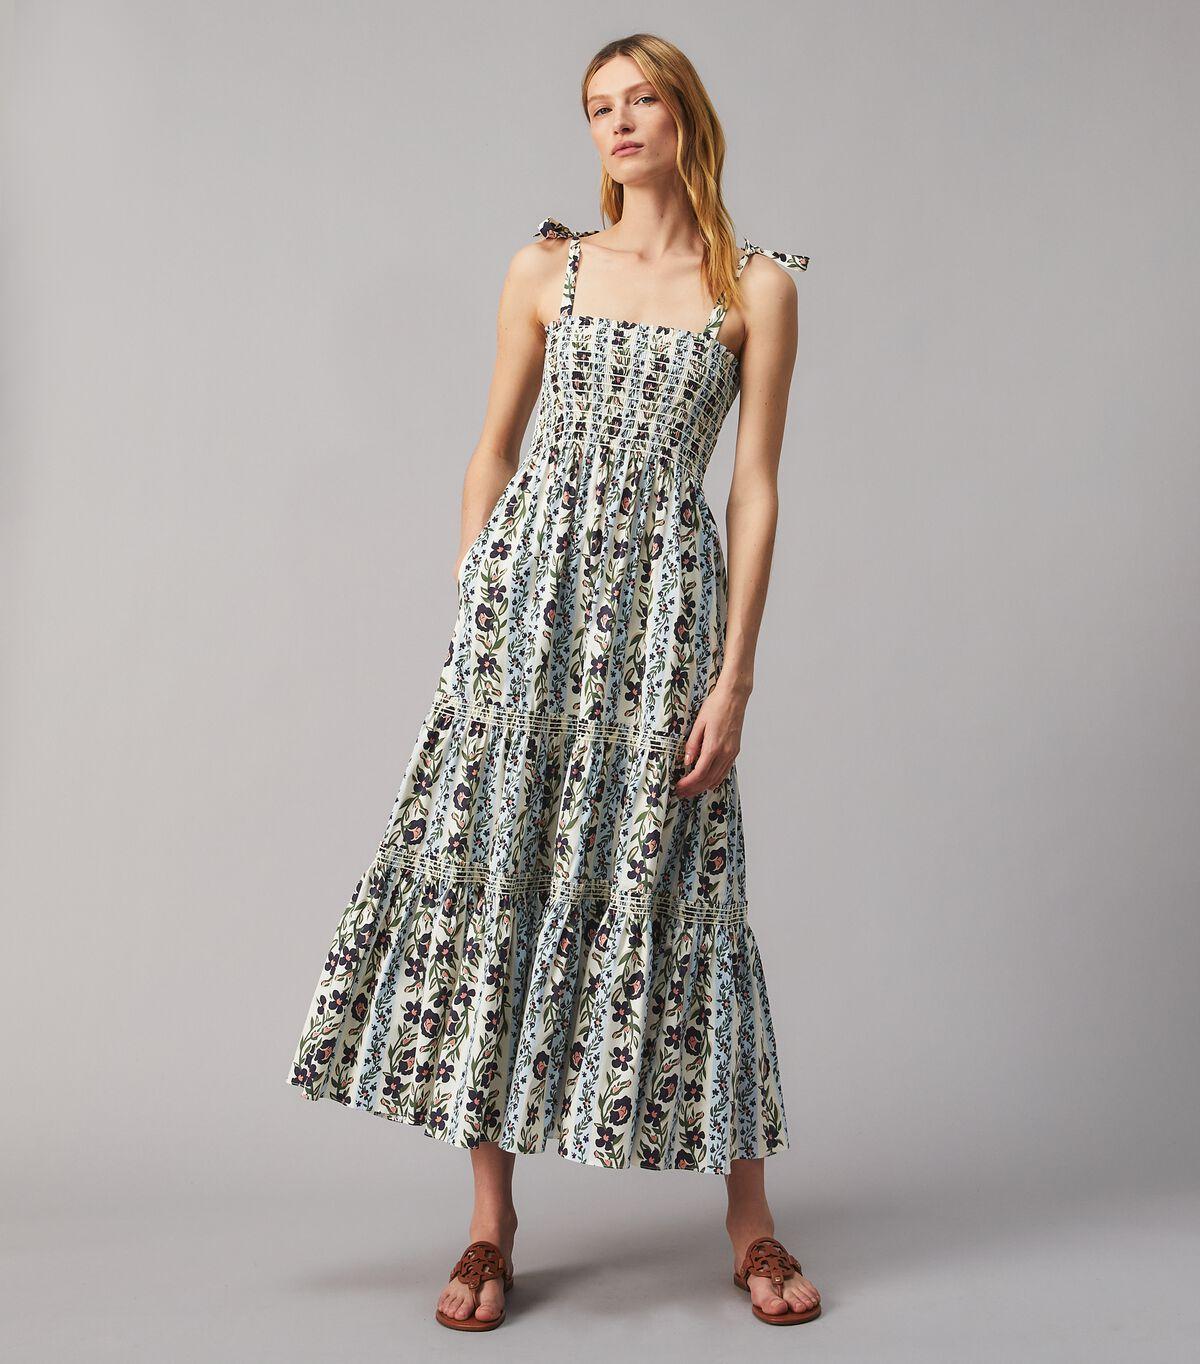 PRINTED TIE-SHOULDER DRESS